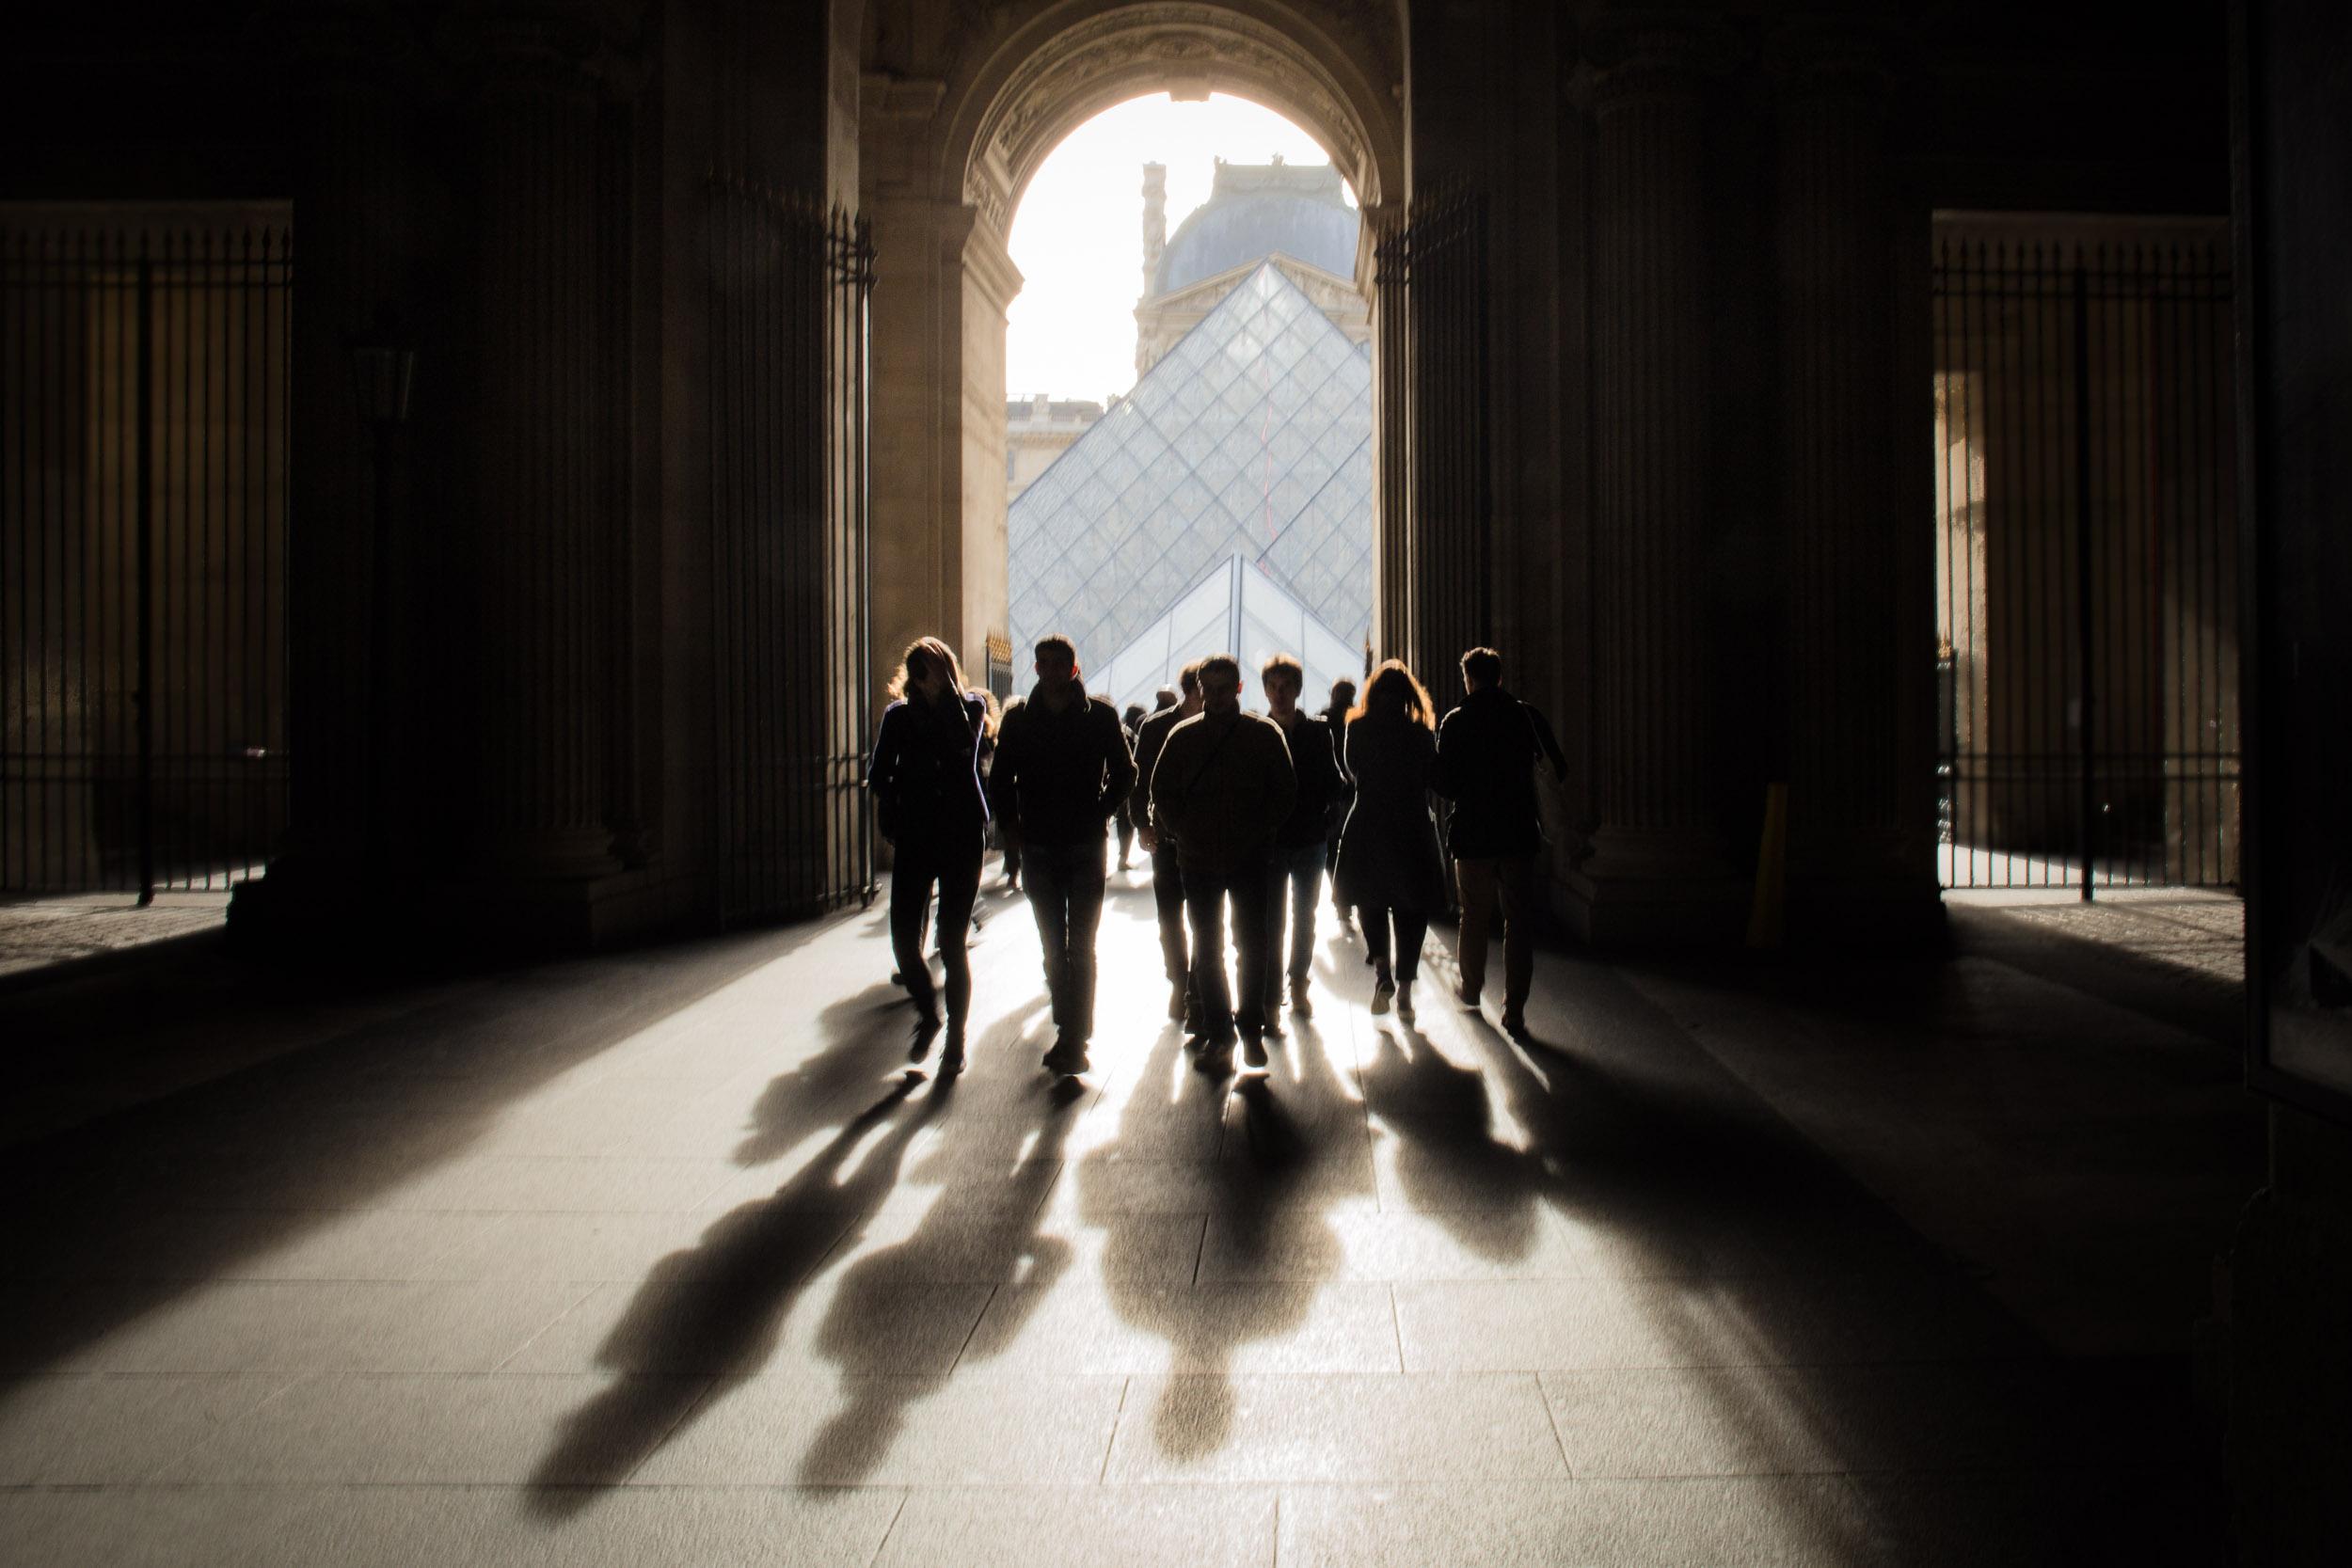 Paris-Louvre-People-Walking-in-Shadows.jpg